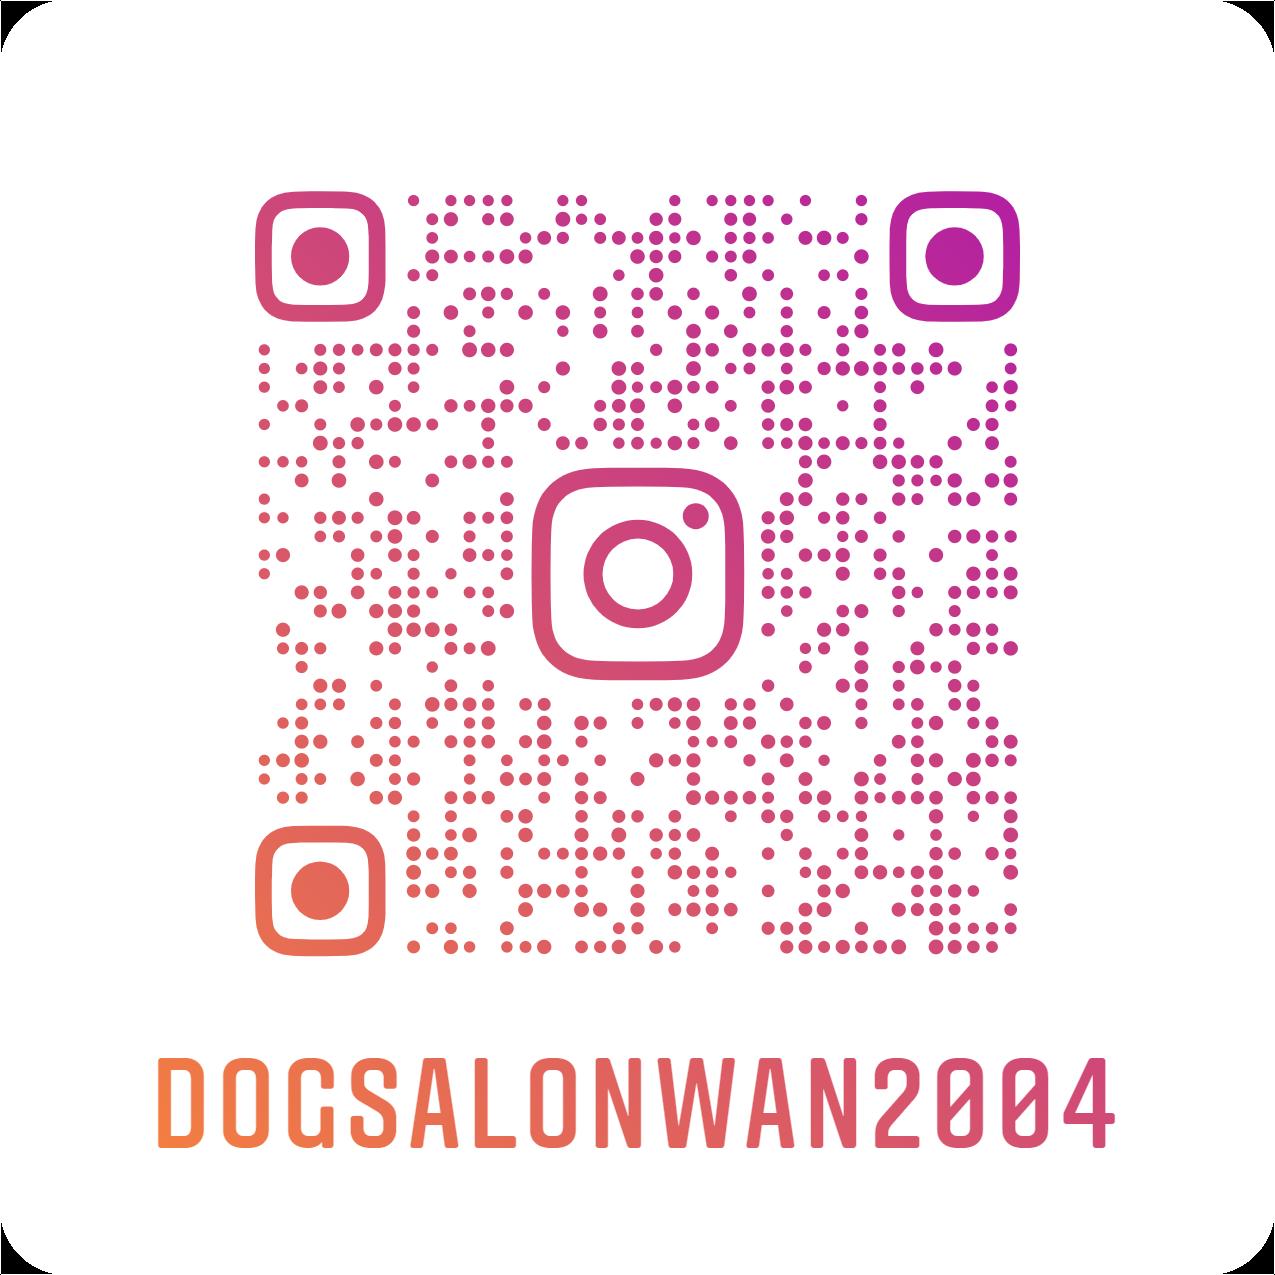 dogsalonwan2004_nametag_20210620150621bab.png